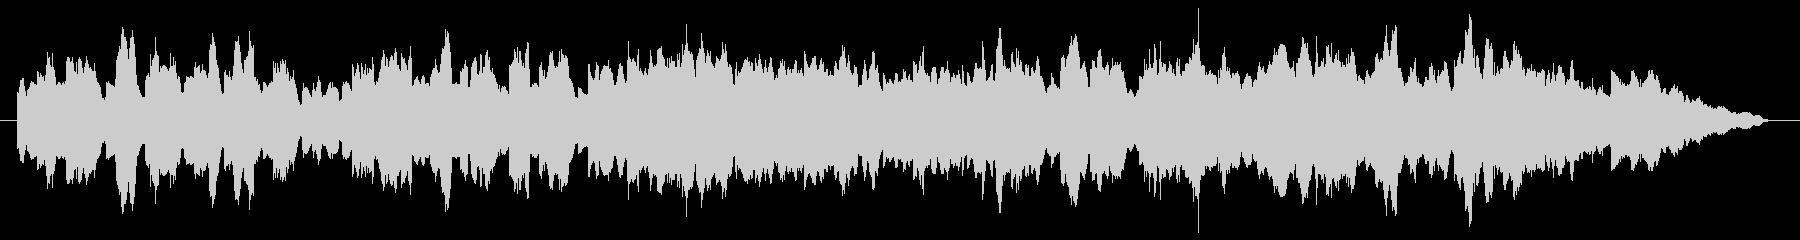 music box 2の未再生の波形